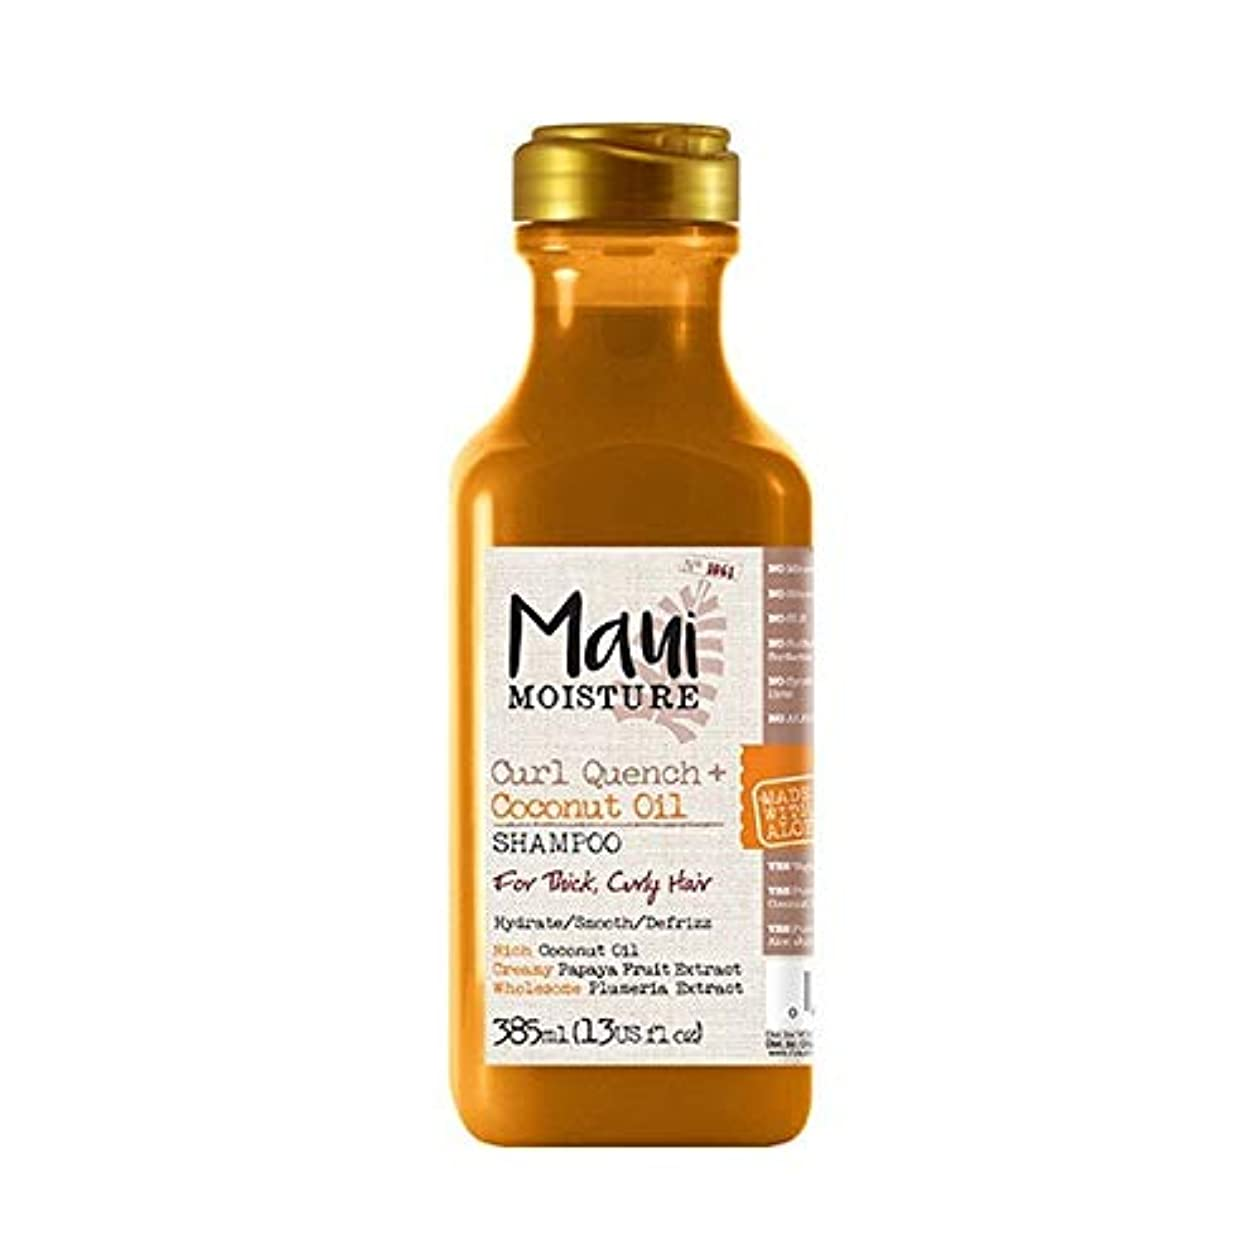 不安定経営者緊急[Maui Moisture ] マウイ水分カールクエンチ+ココナッツオイルシャンプー - Maui Moisture Curl Quench + Coconut Oil Shampoo [並行輸入品]